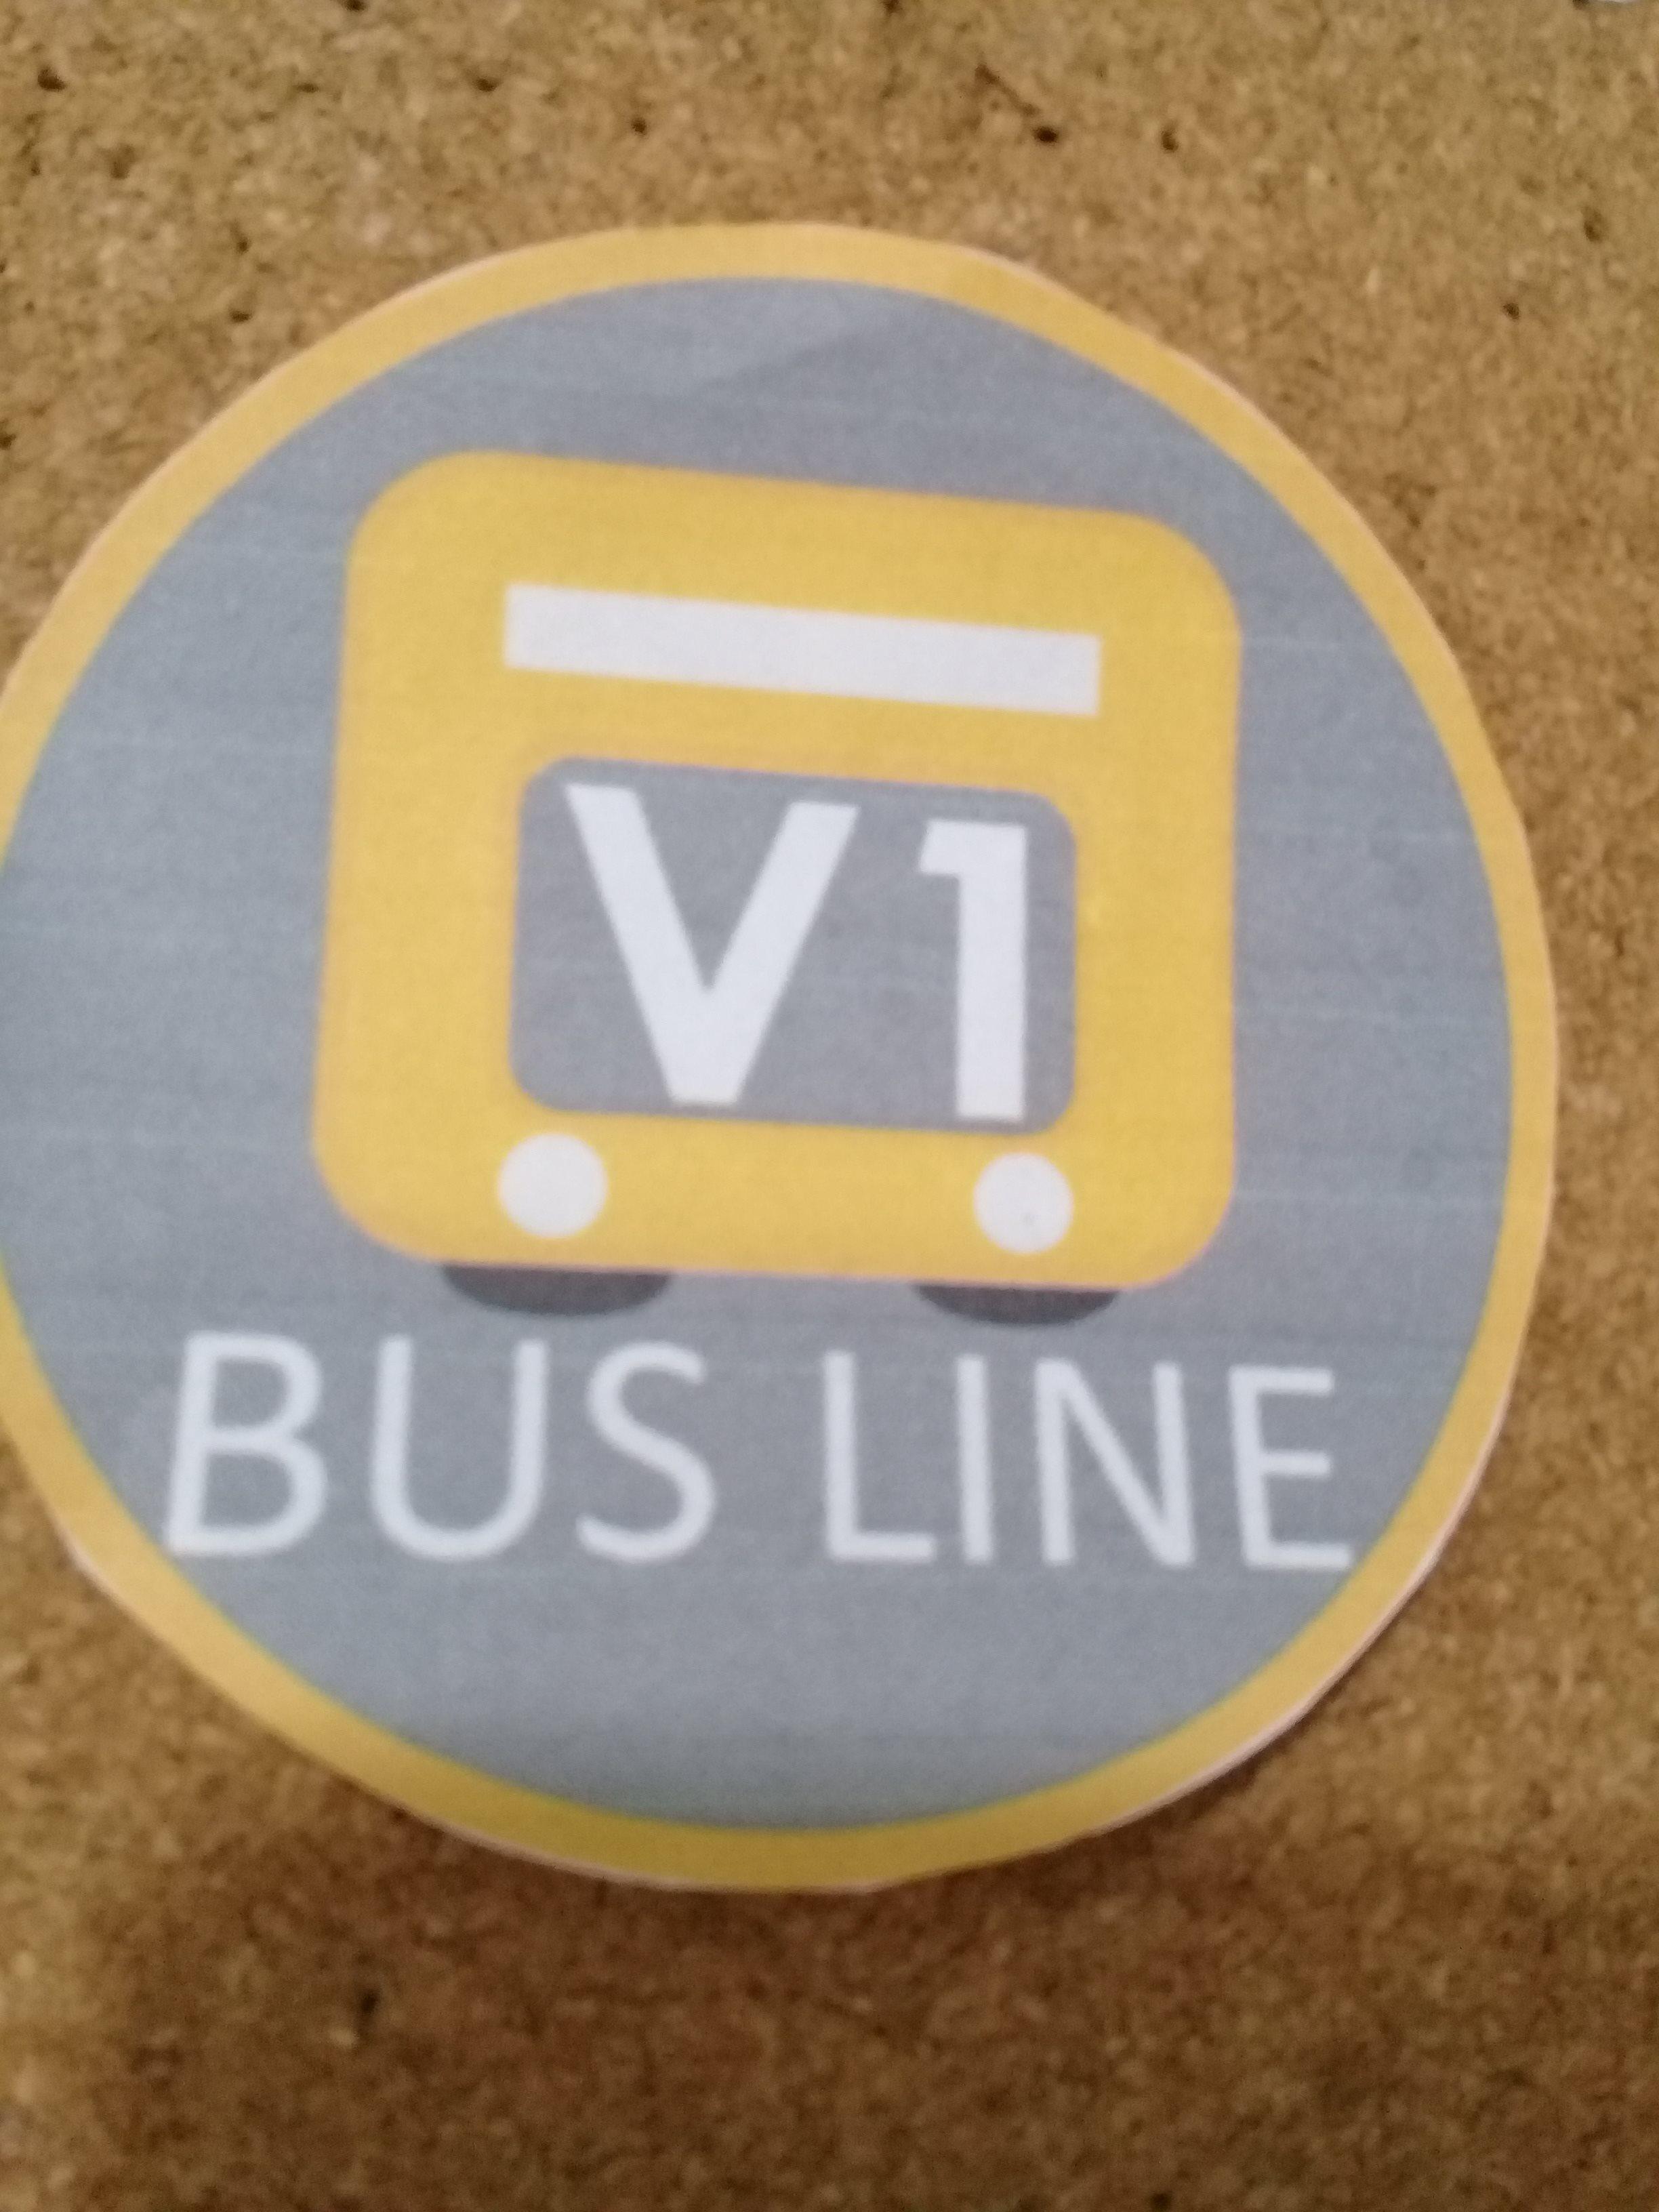 V1 BUS LINE INC.